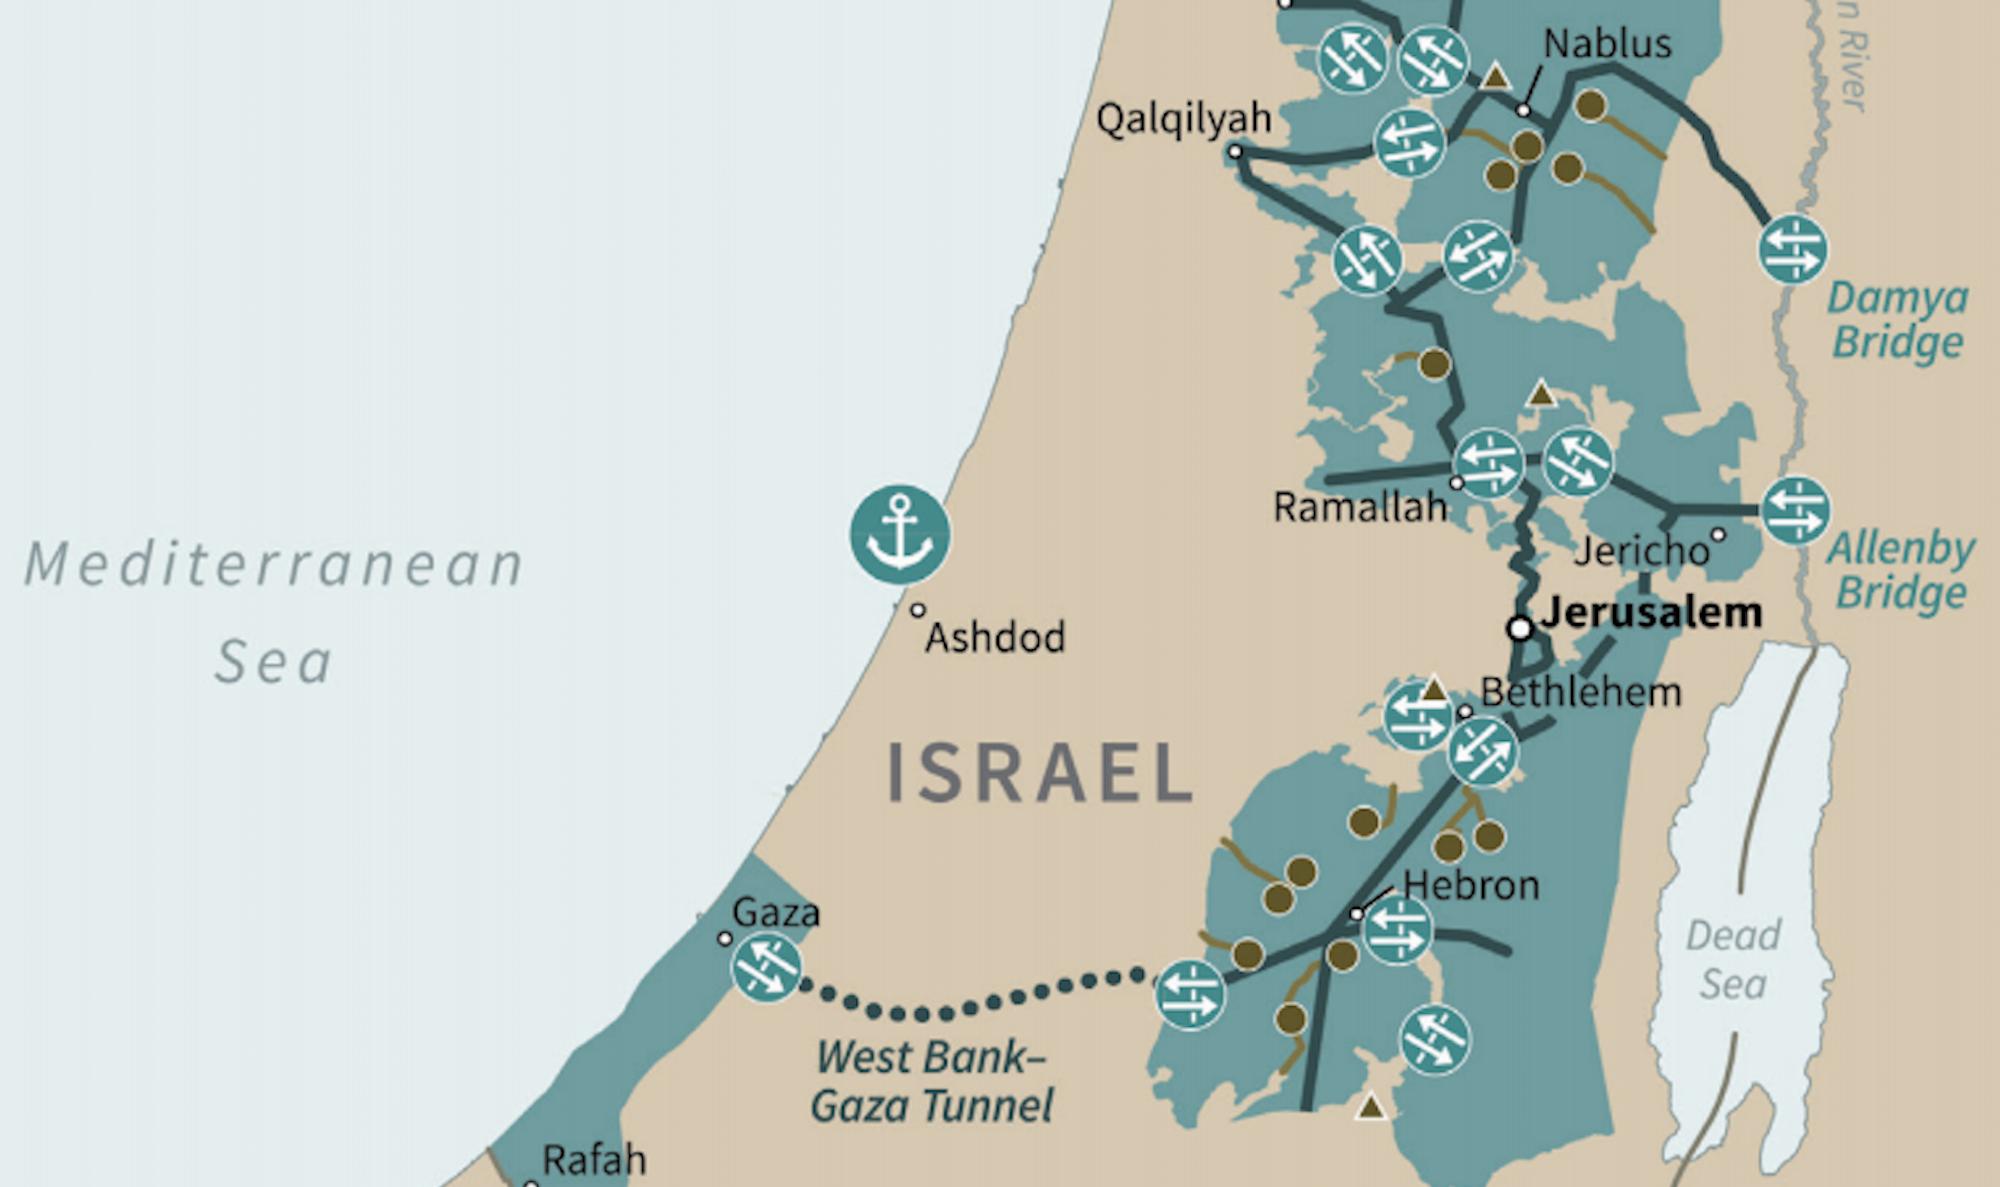 L'Accordo del Secolo è l'Apartheid